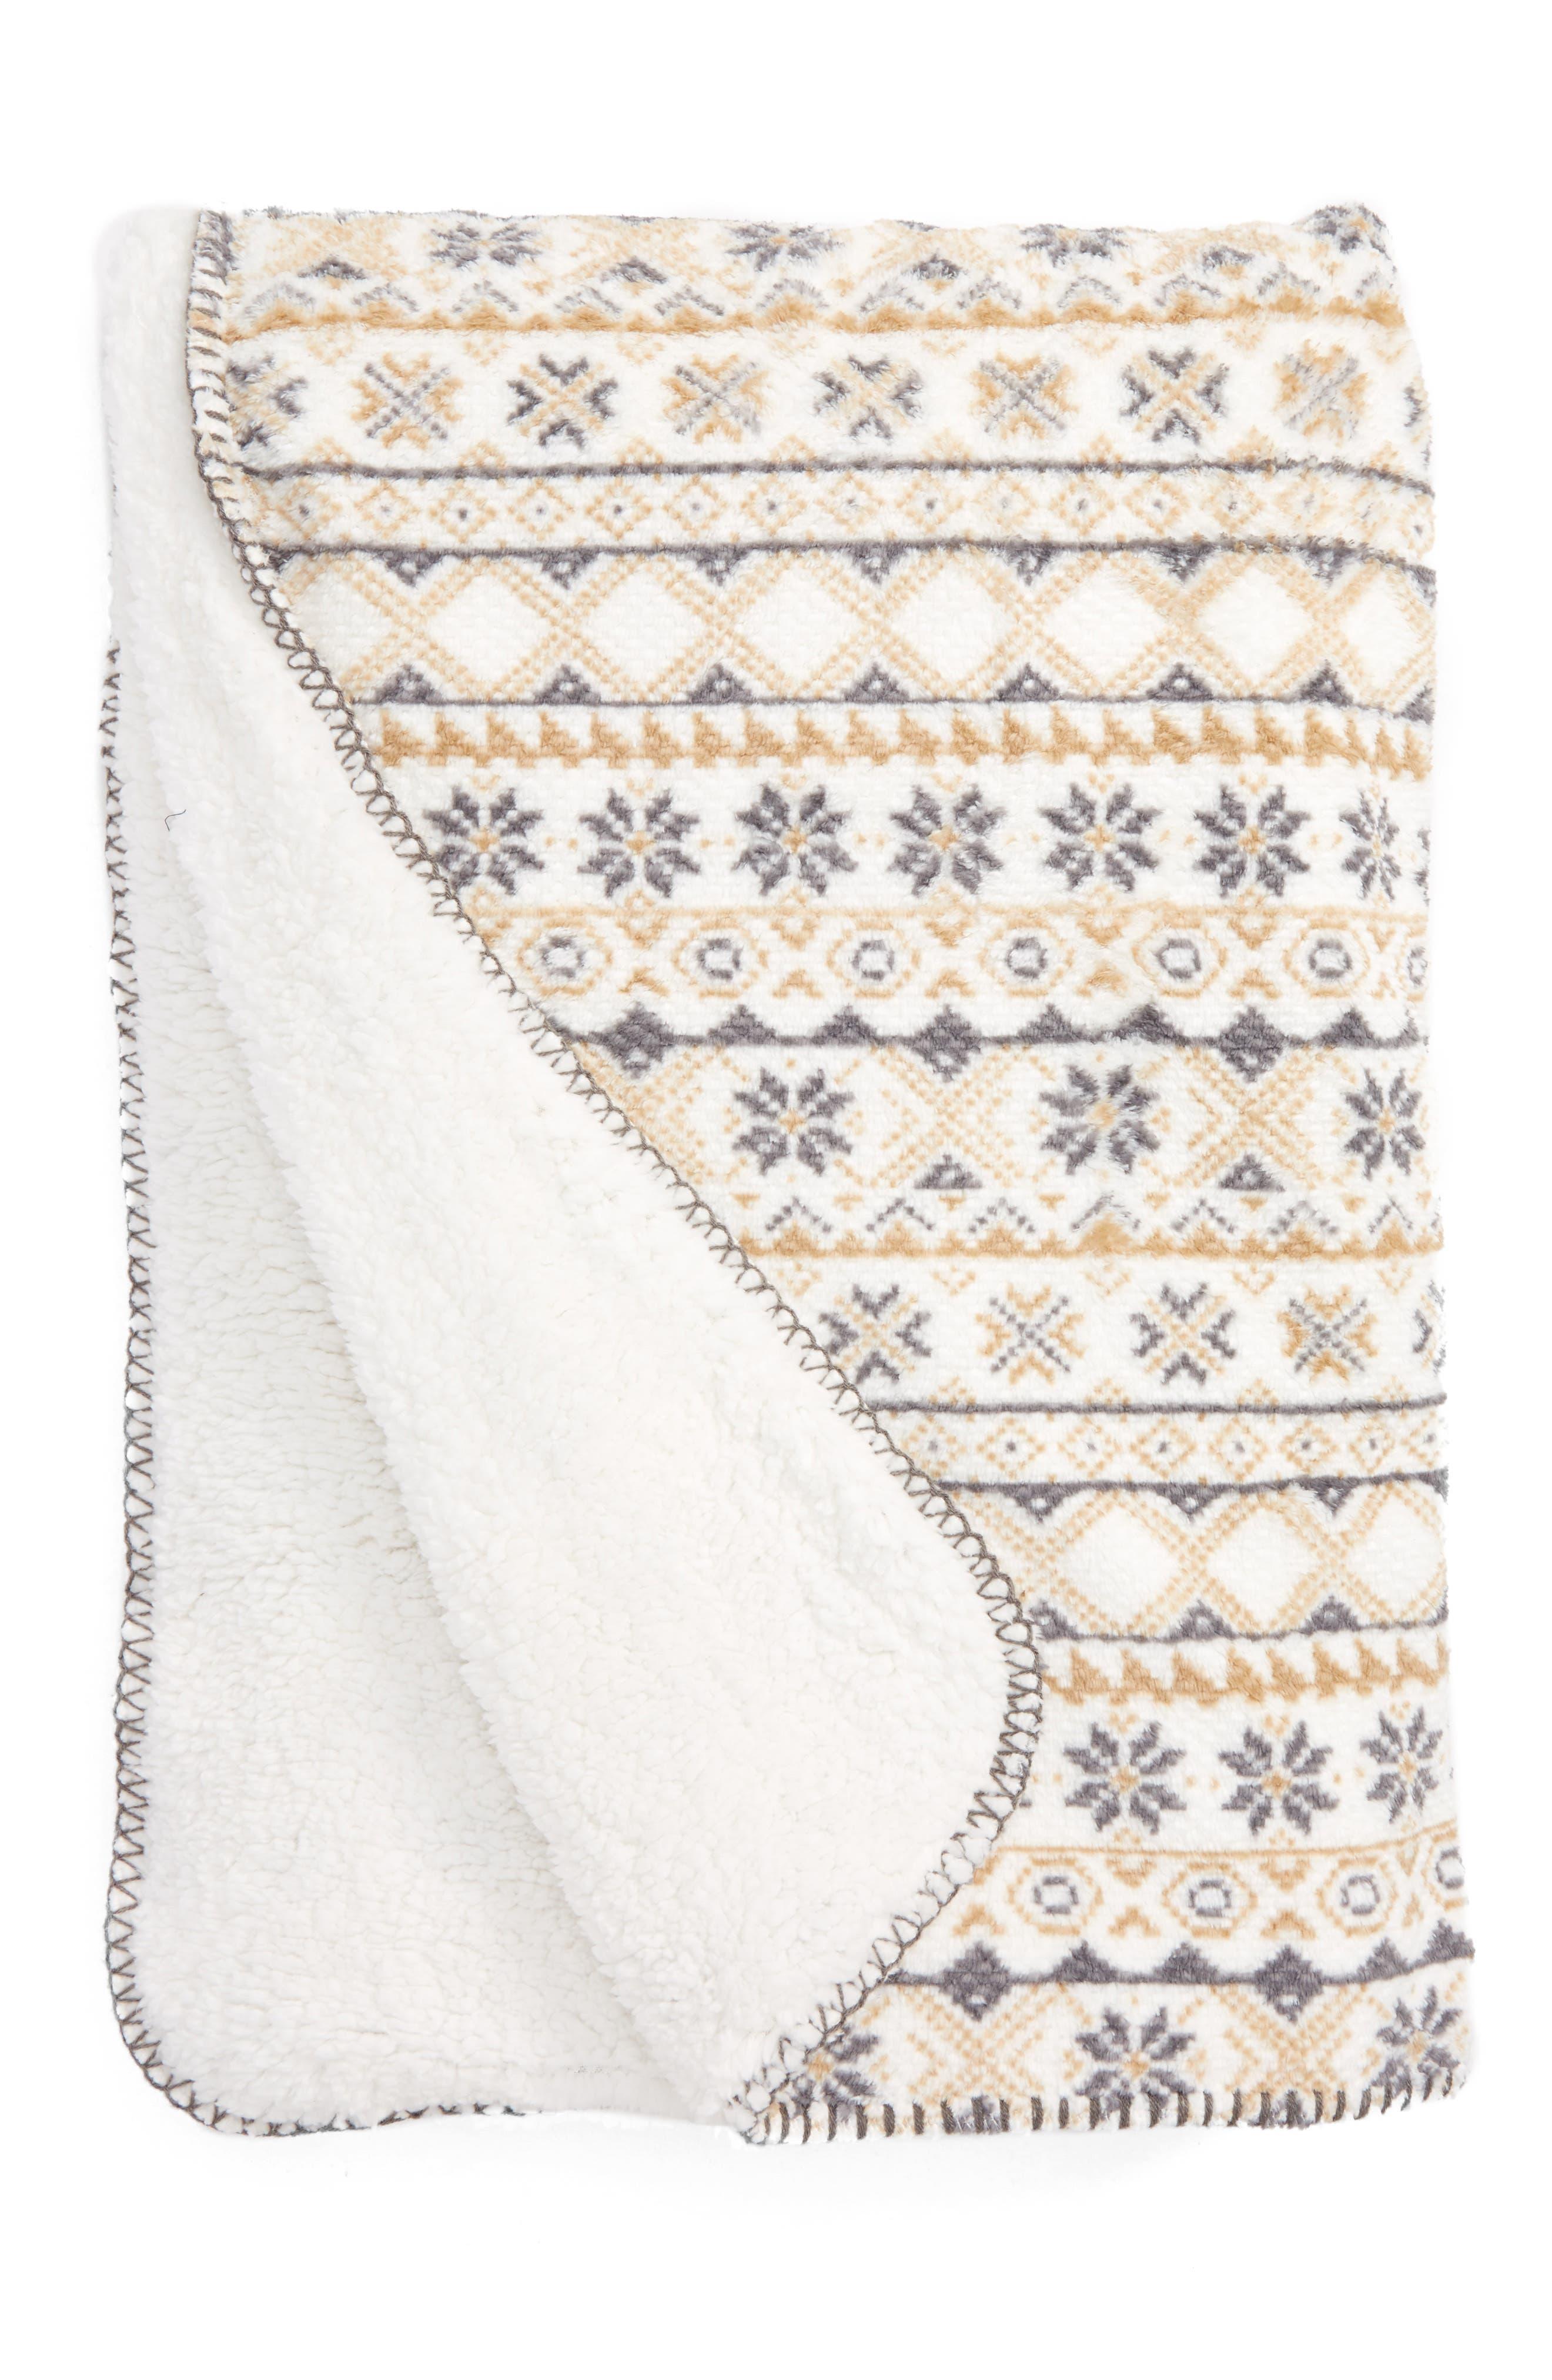 PJ Salvage Fair Isle Print Faux Shearling Blanket